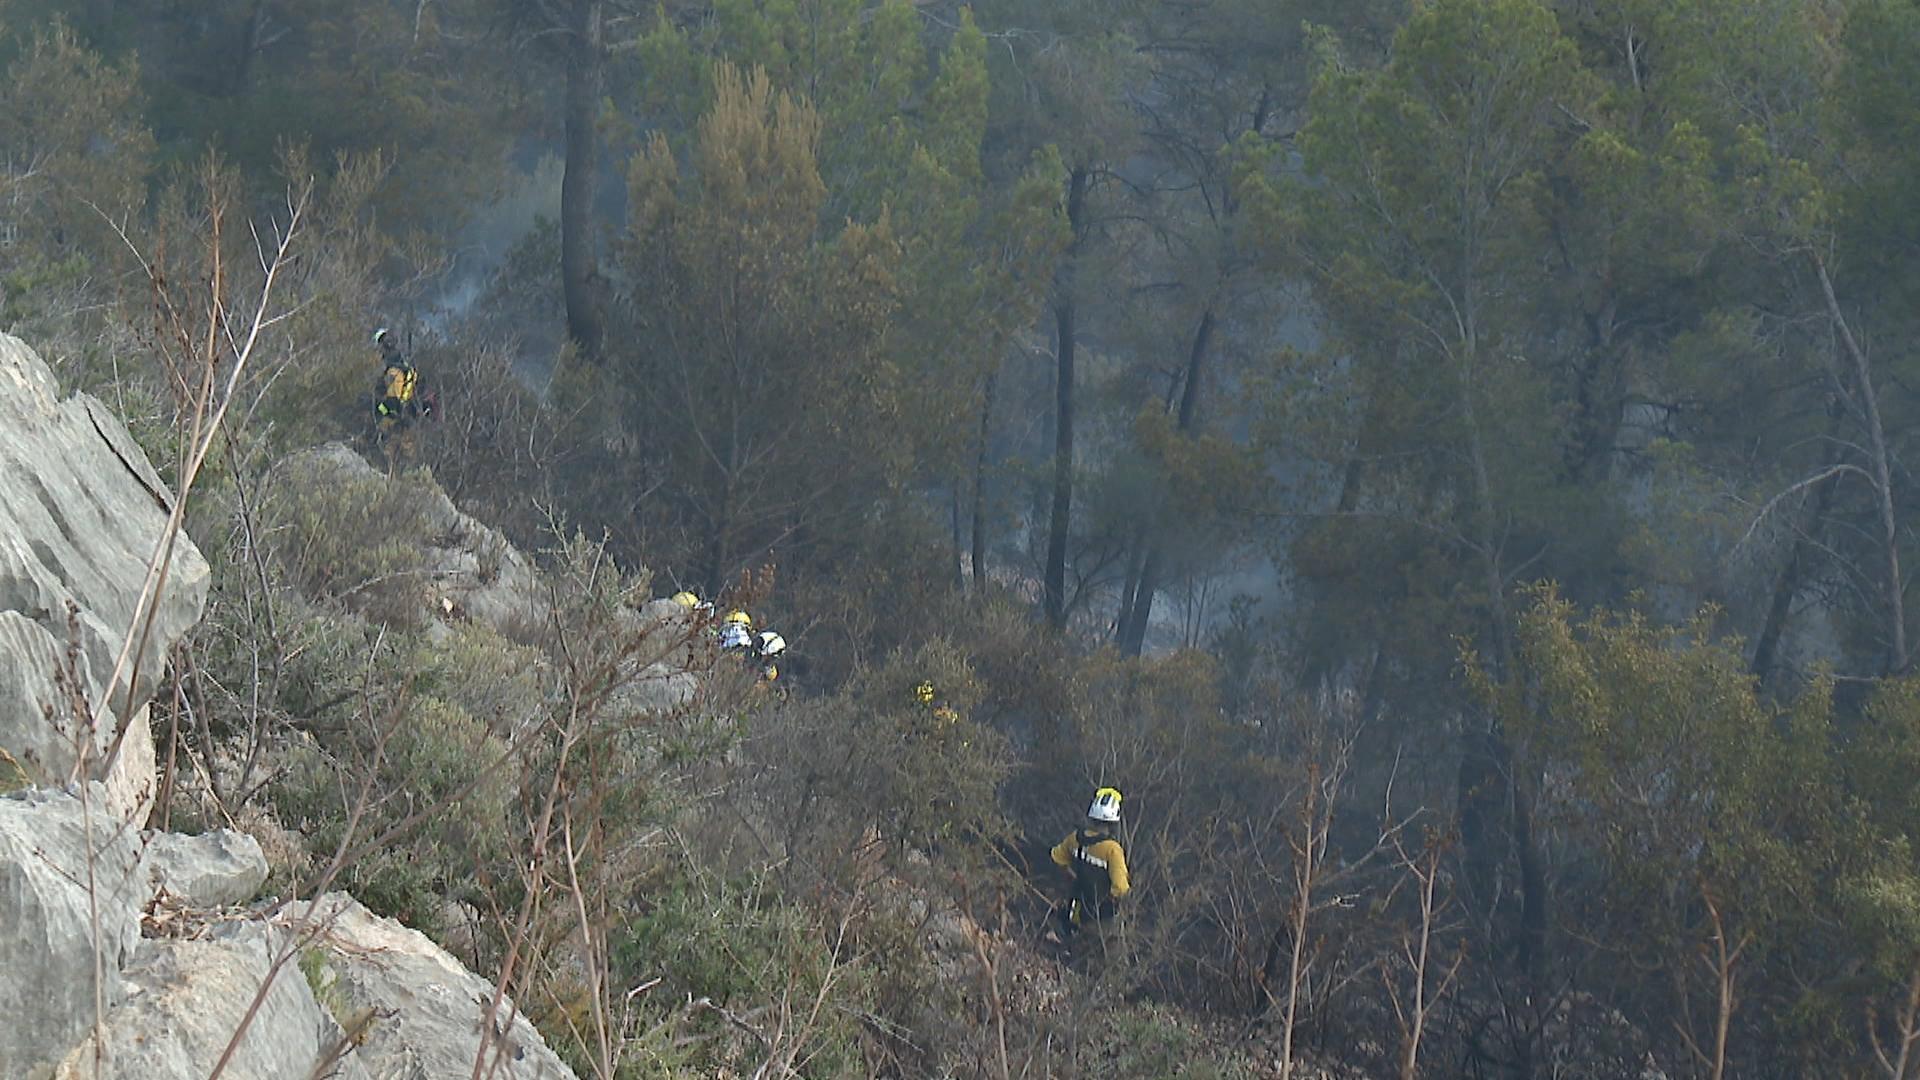 Preocupaci%C3%B3+entre+els+ve%C3%AFnats+per+un+incendi+forestal+al+Coll+de+sa+Creu+a+Palma